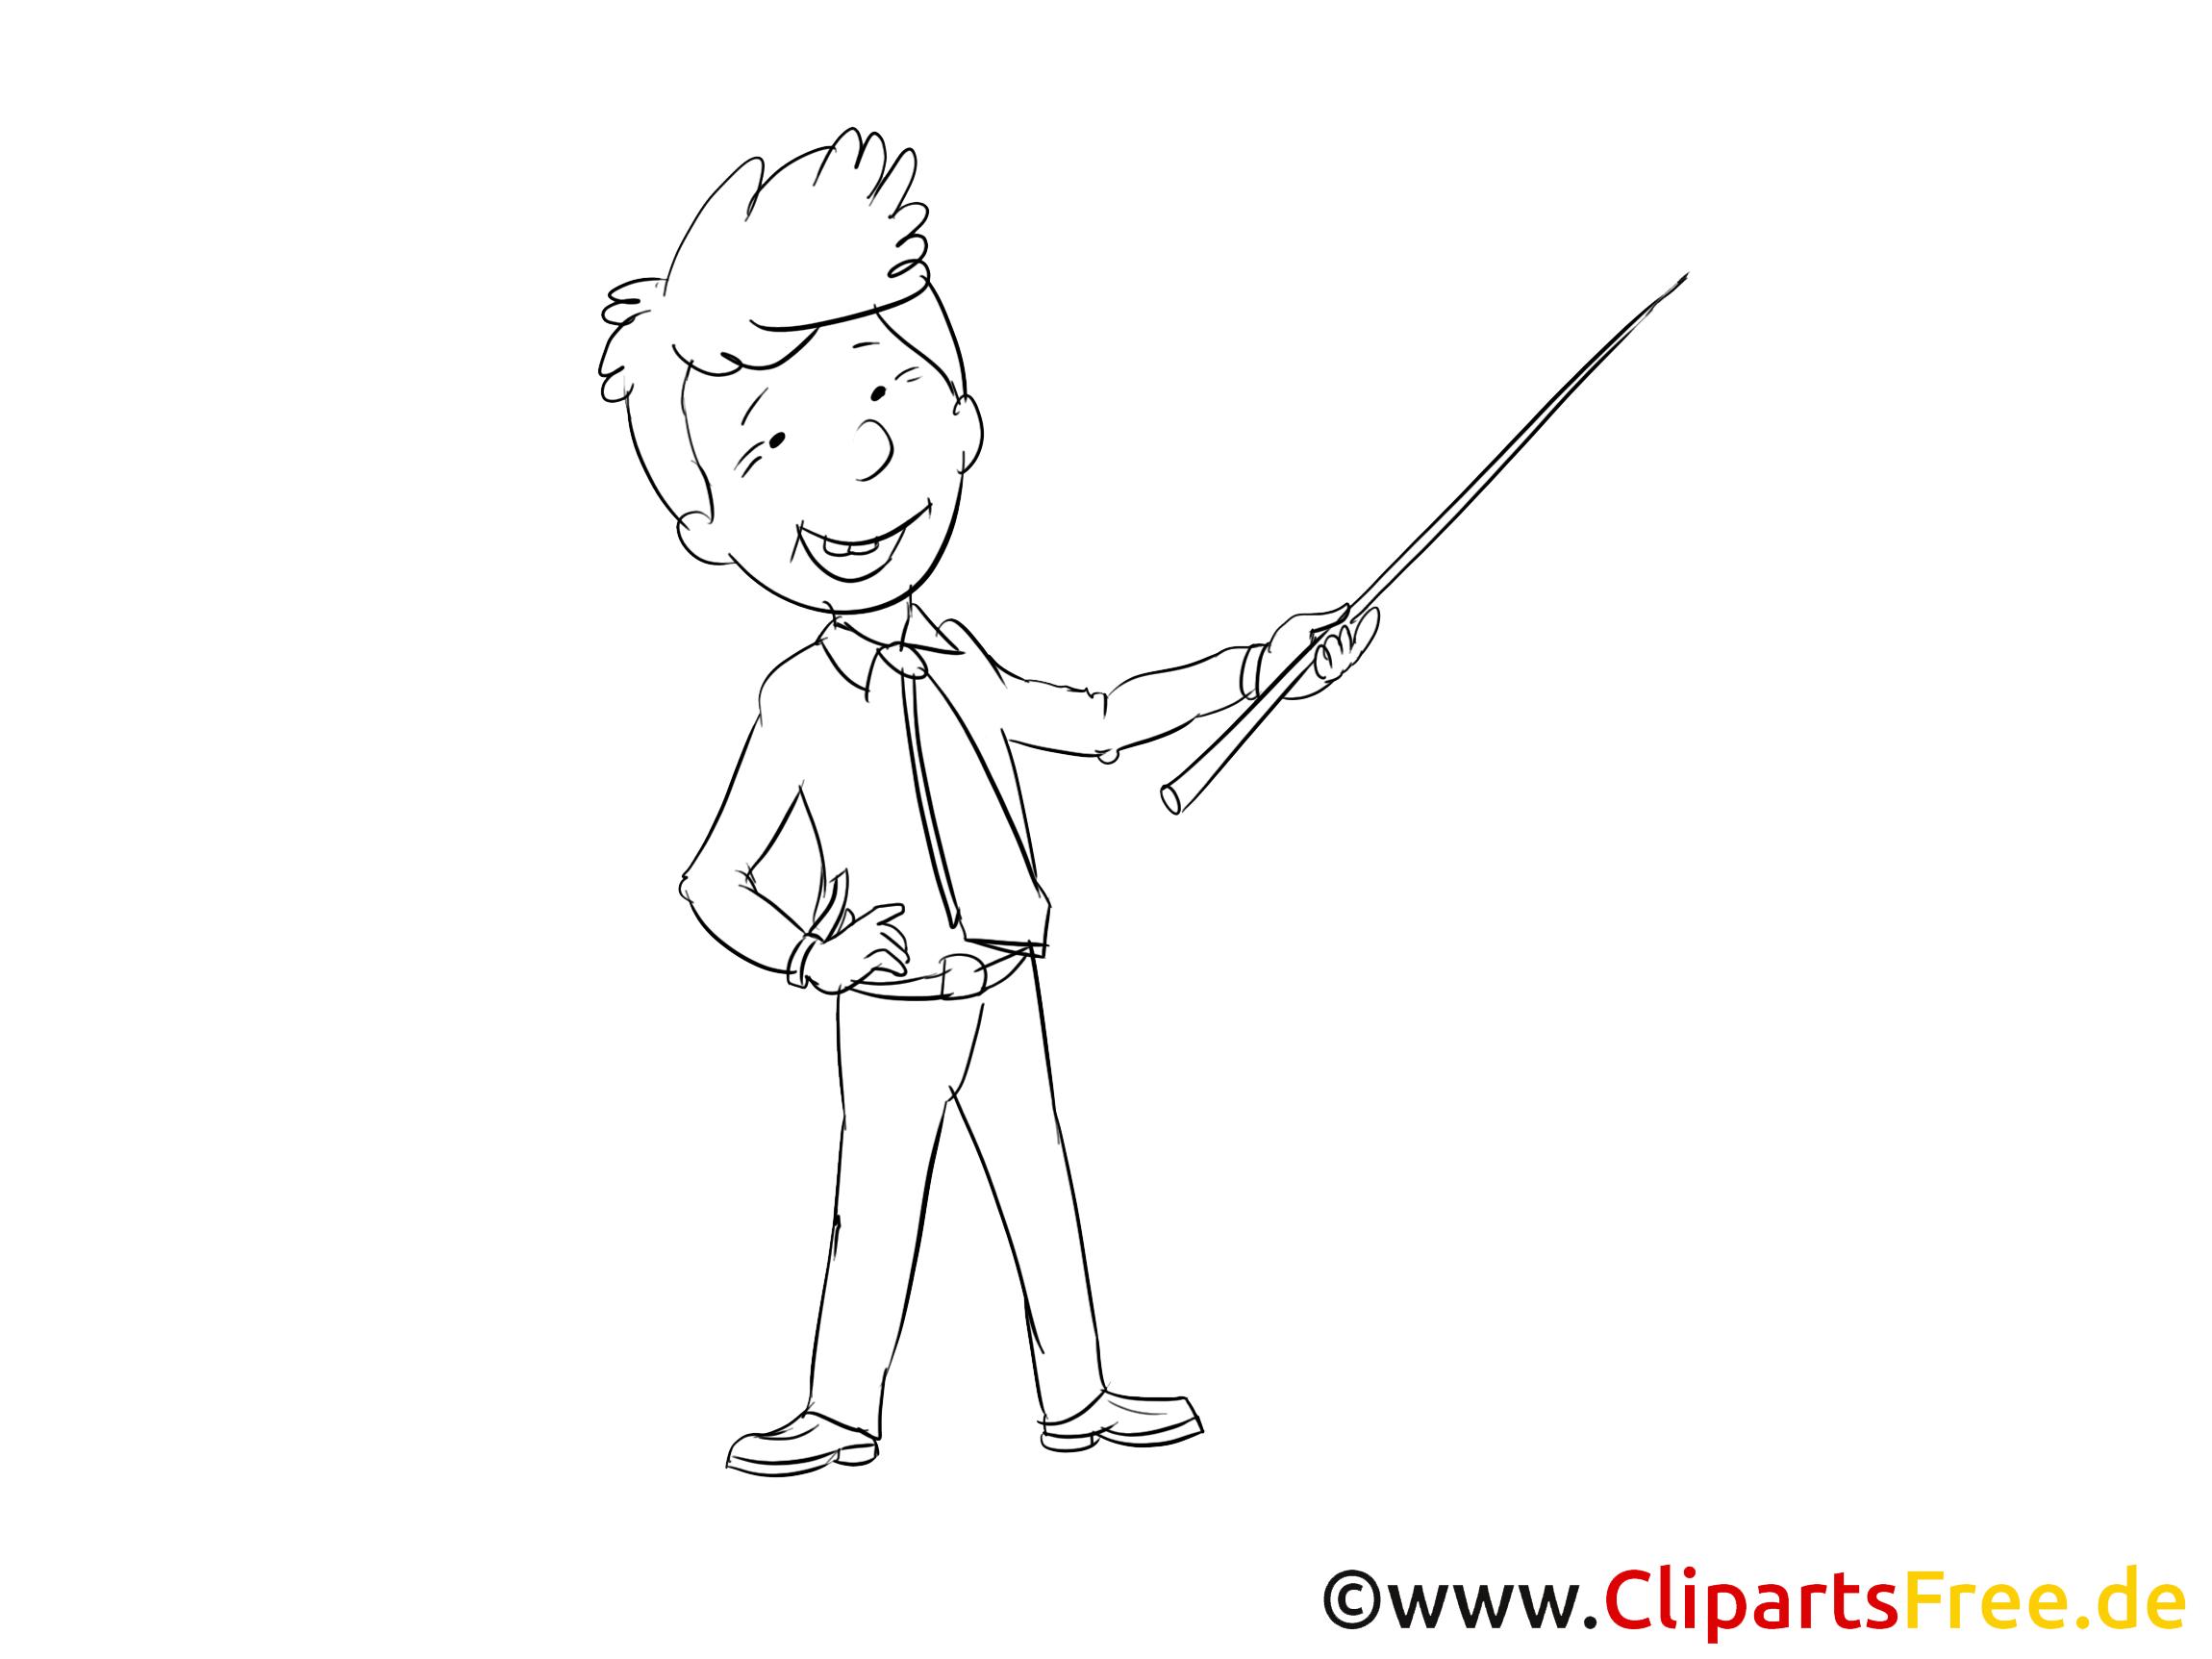 Kompetenz Clipart, Bild, Zeichnung, Cartoon